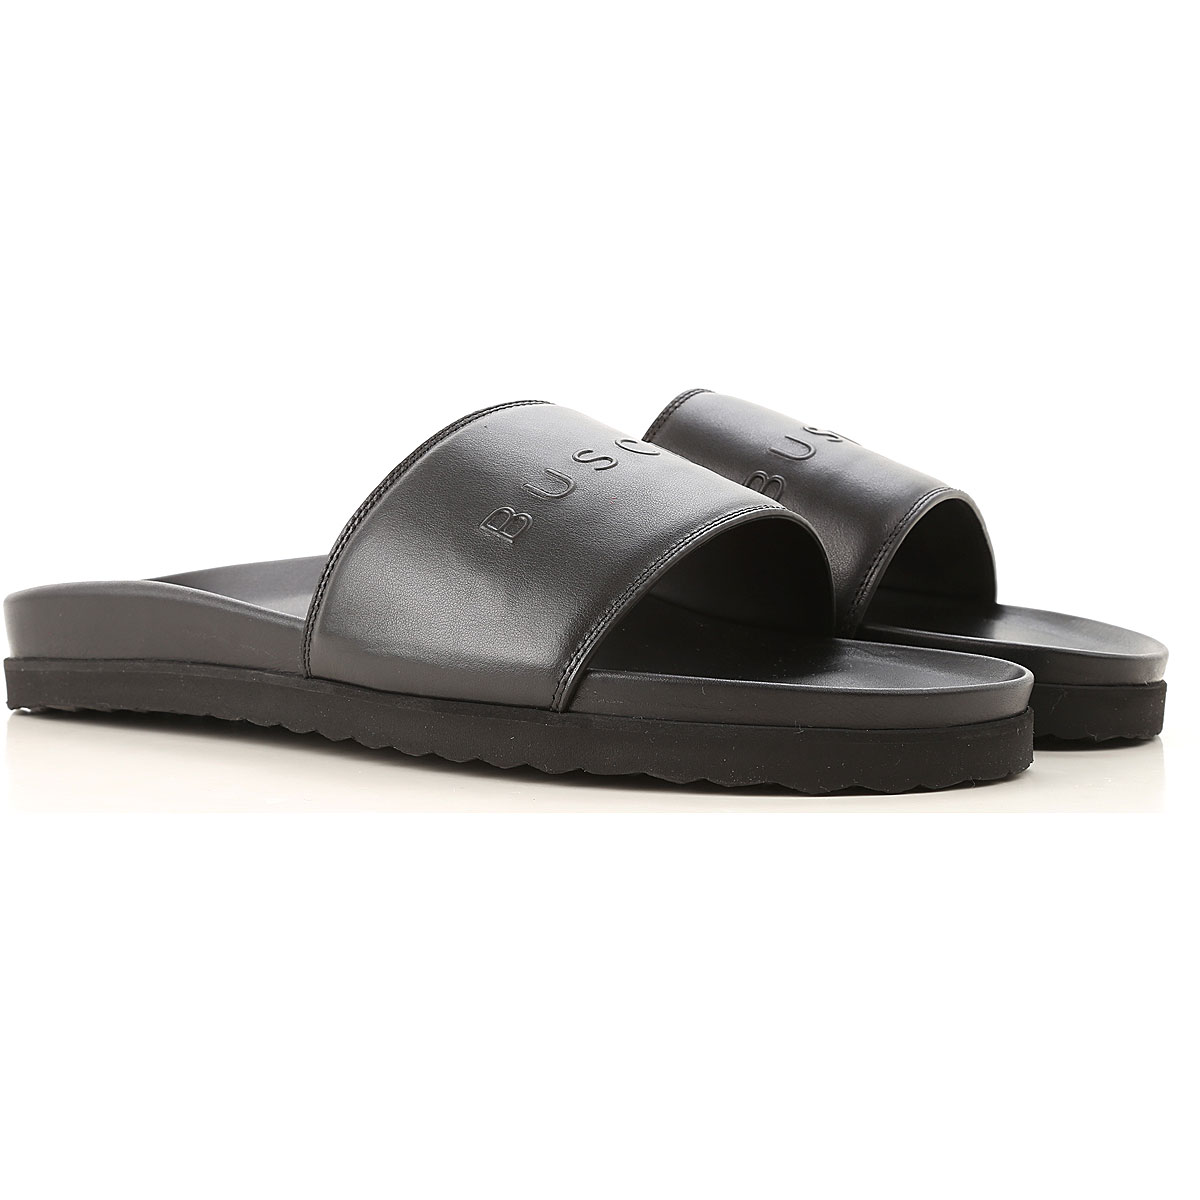 Image of Buscemi Flip Flops for Men, Black, Leather, 2017, 10 10.5 6.5 7.5 8 9